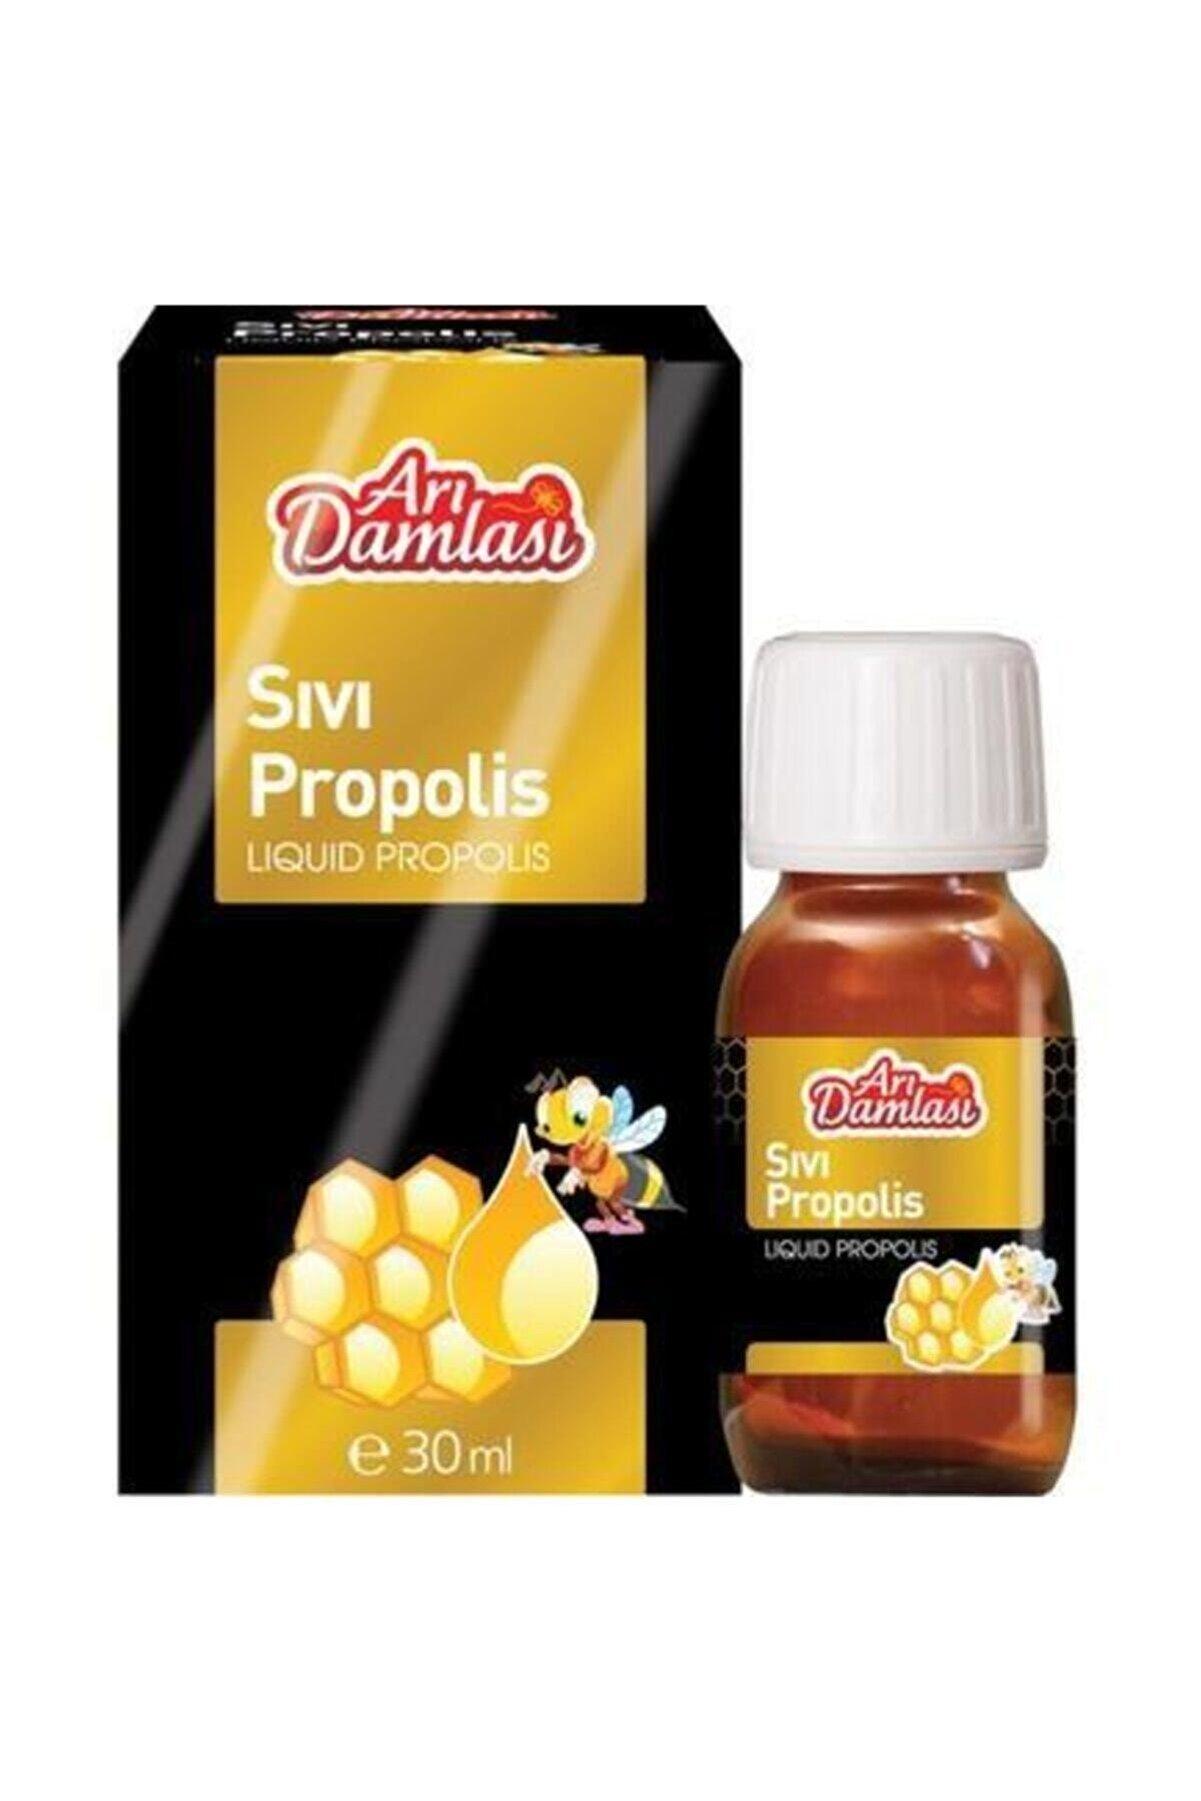 Arı damlası Sıvı Propolis 30 Ml